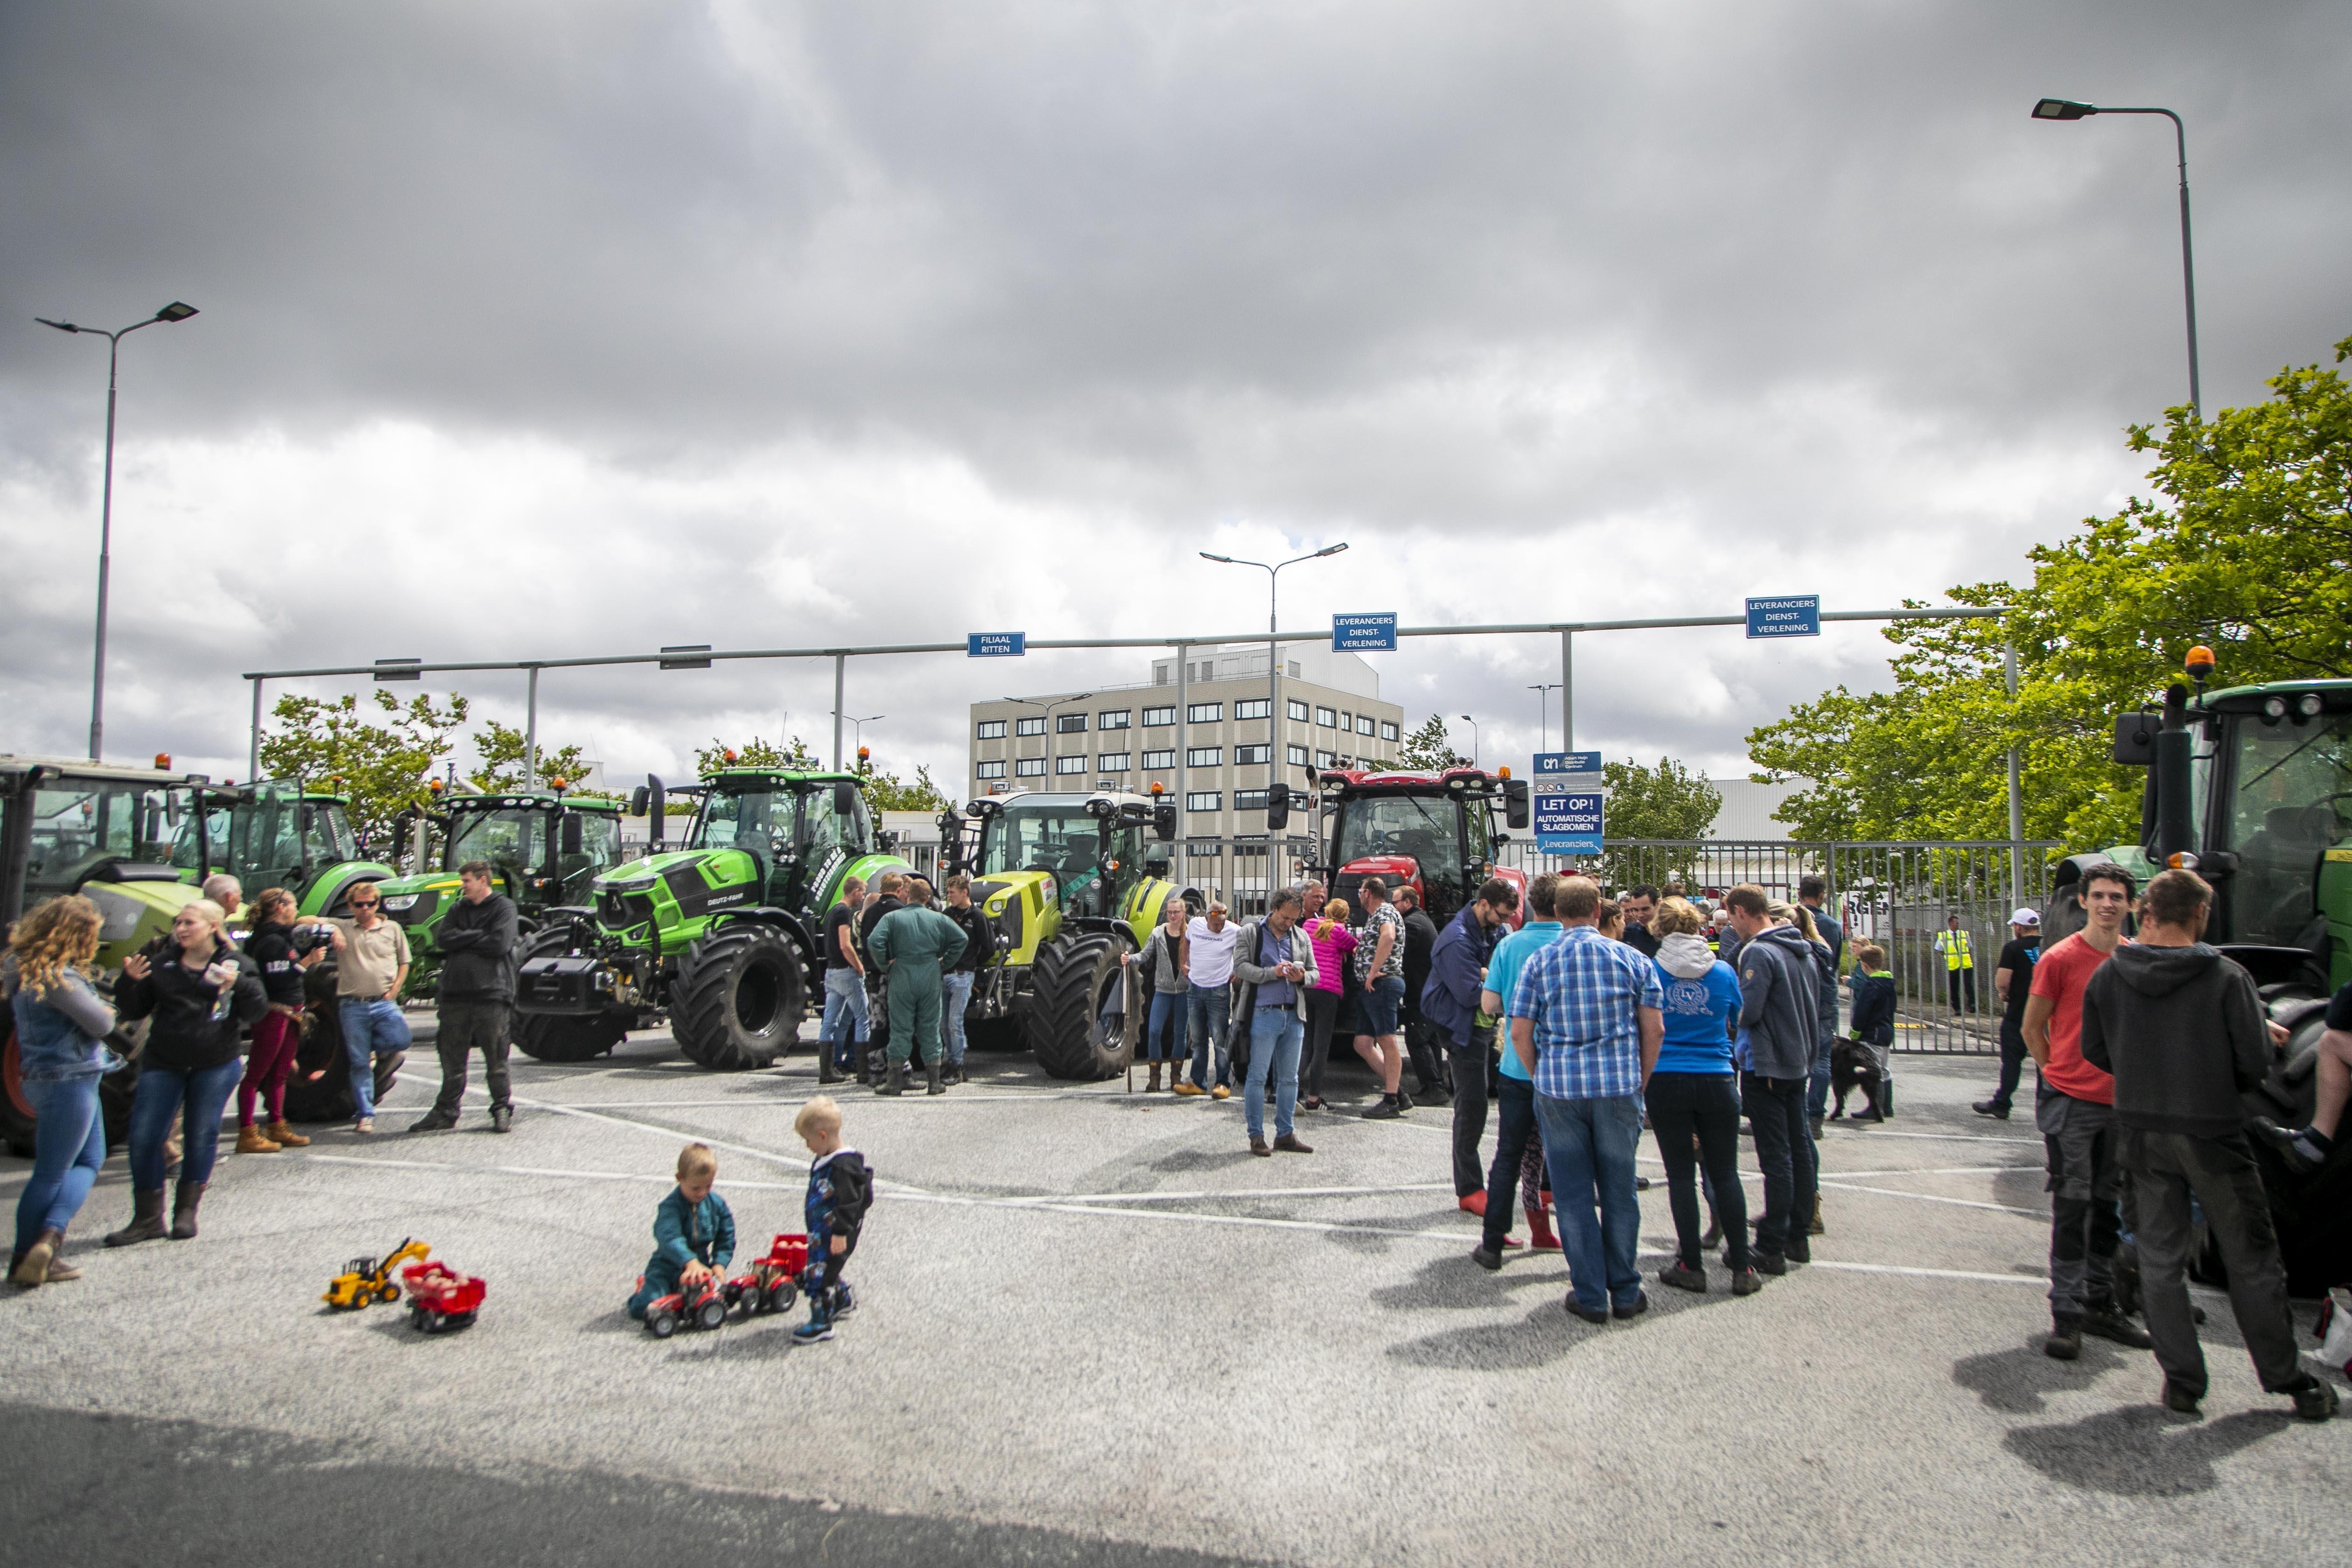 Boeren in verzet: 'We zijn het helemaal zat, maar straks komen we toch weer op de koffie' [video]